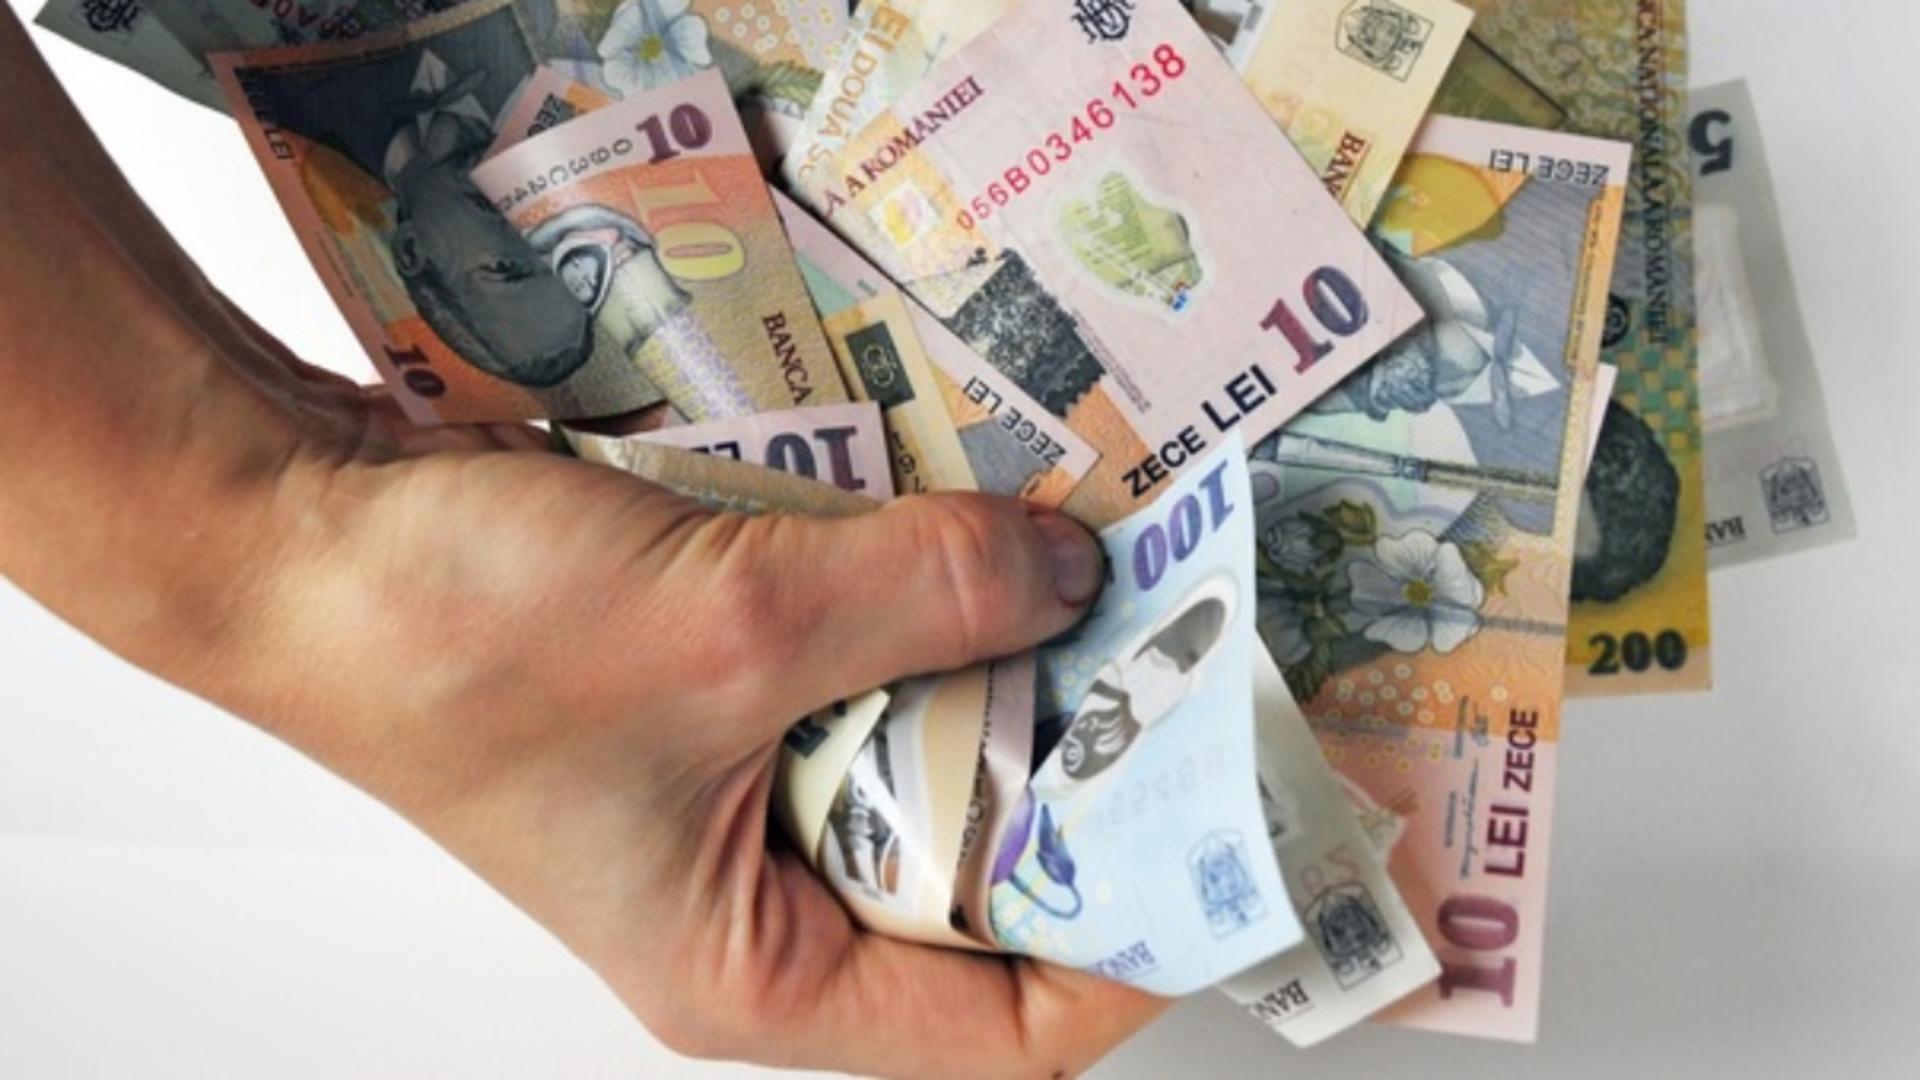 O nouă BANCNOTĂ va fi pusă în circulație, în România. Cum arată și ce valoare are